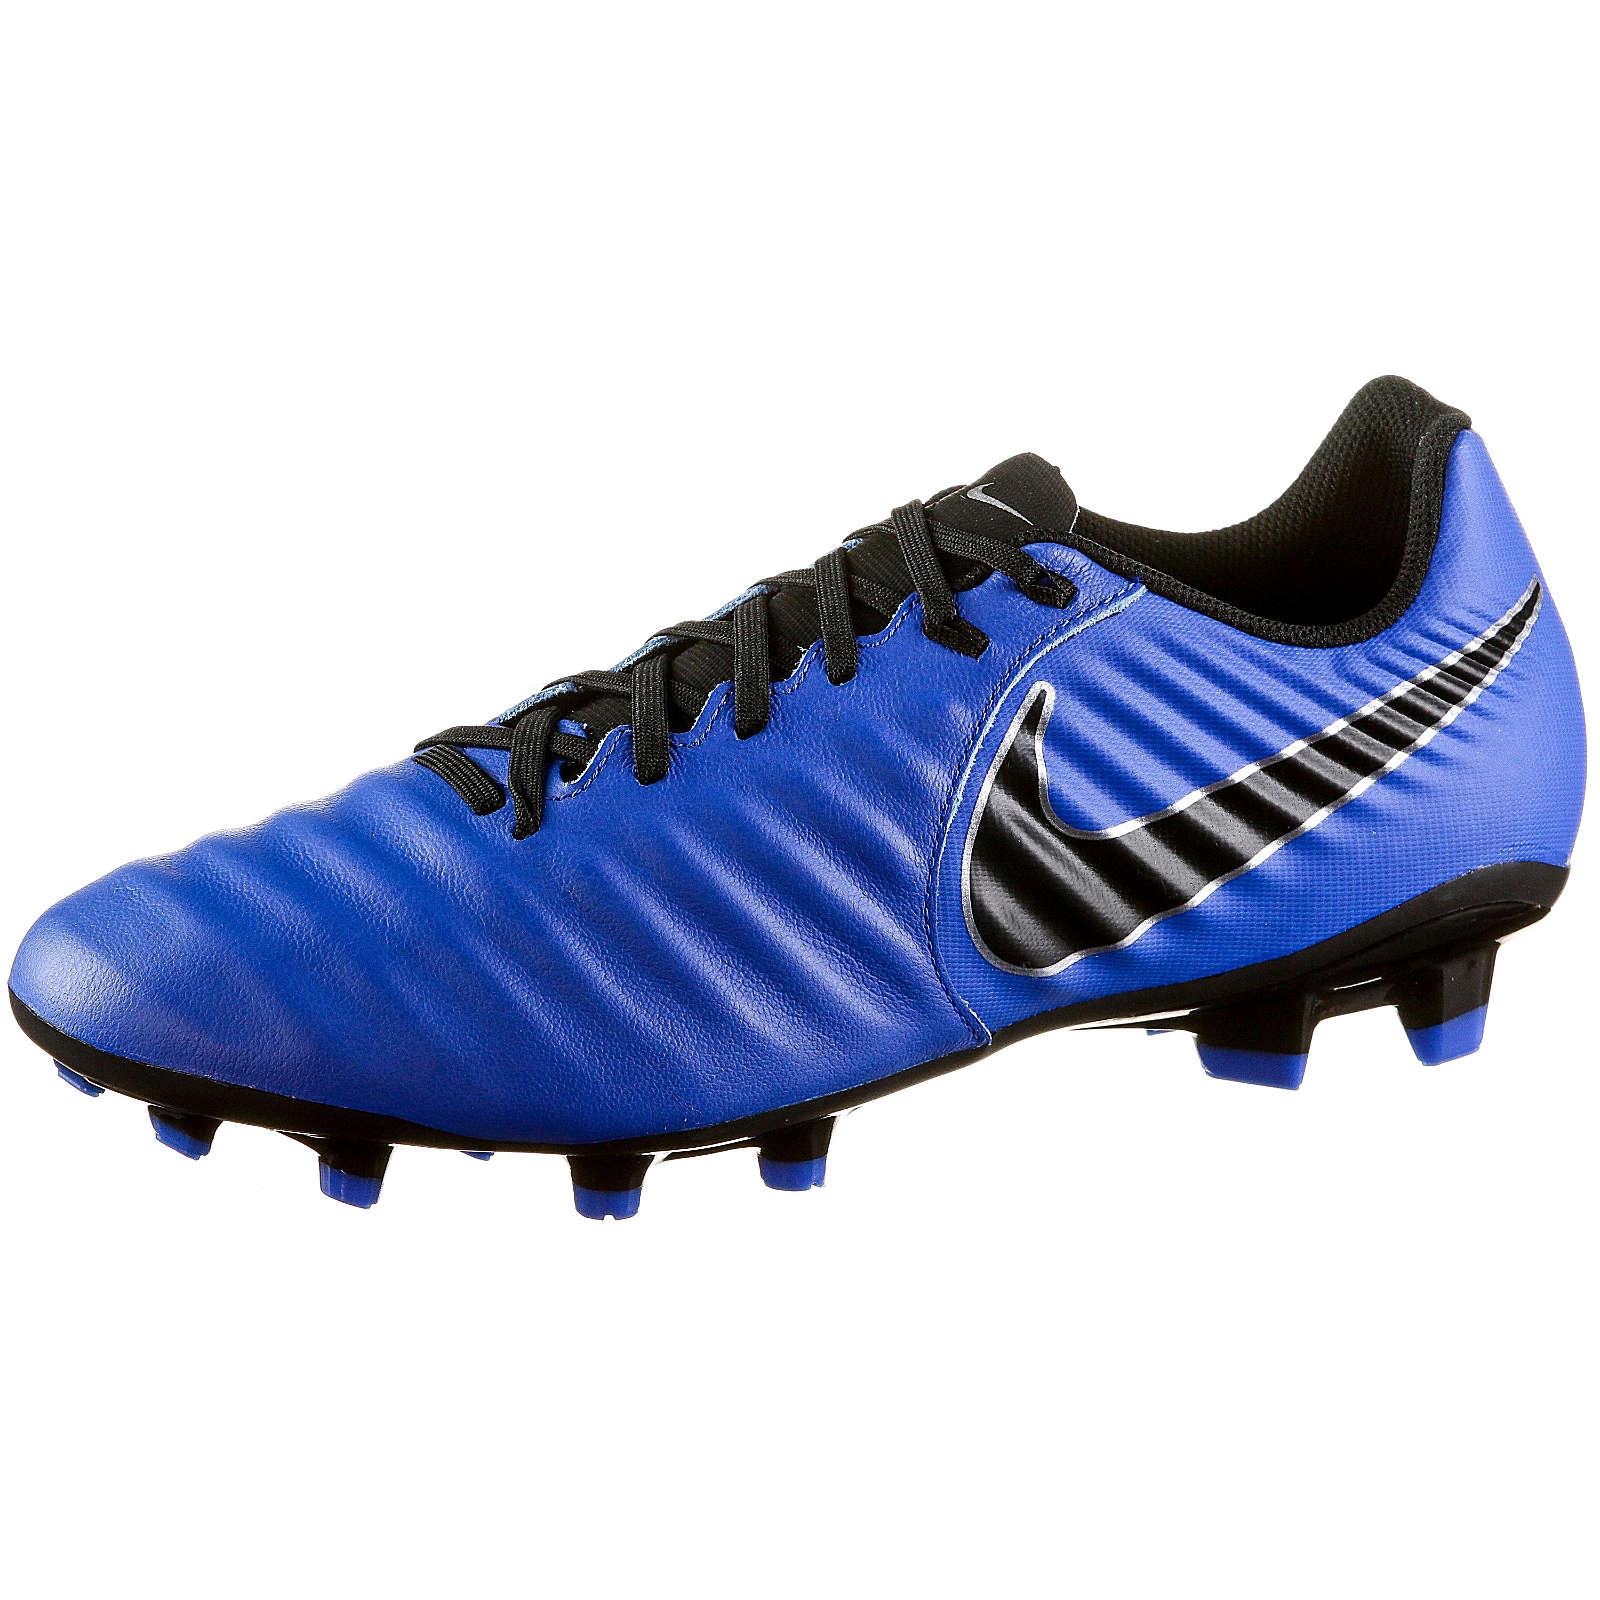 Nike Performance Fußballschuhe TIEMPO LEGEND 7 ACADEMY FG Fußballschuhe blau Damen Gr. 41